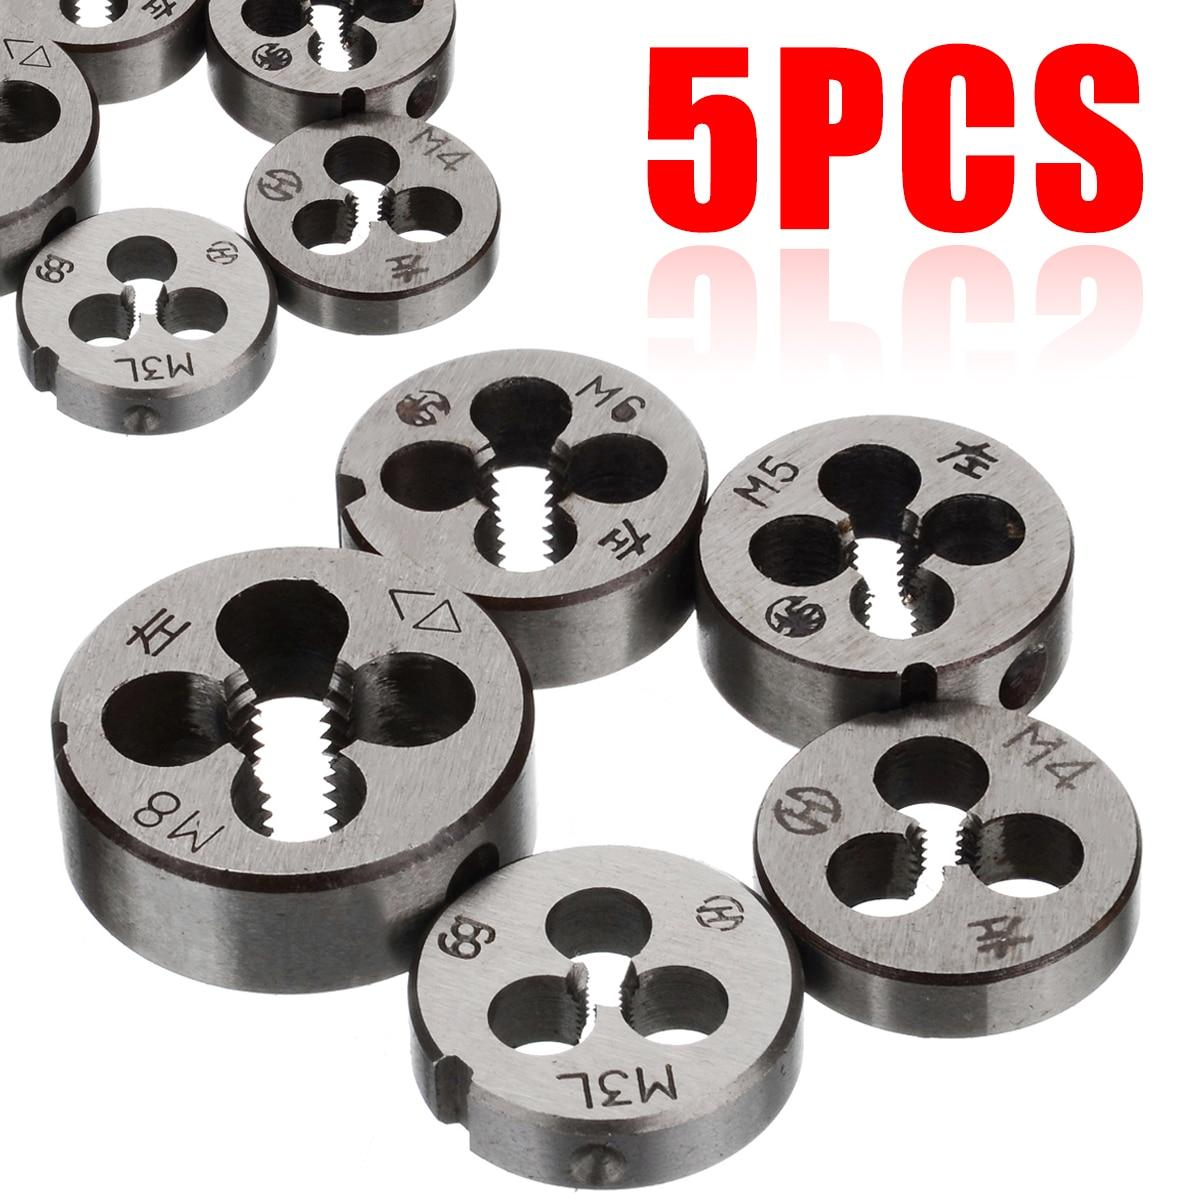 5 uds rosca métrica ing Die juego de herramientas de corte de hilo zurdo duradero M3 M4 M5 M6 M8 alta resistencia dureza rosca métrica Die